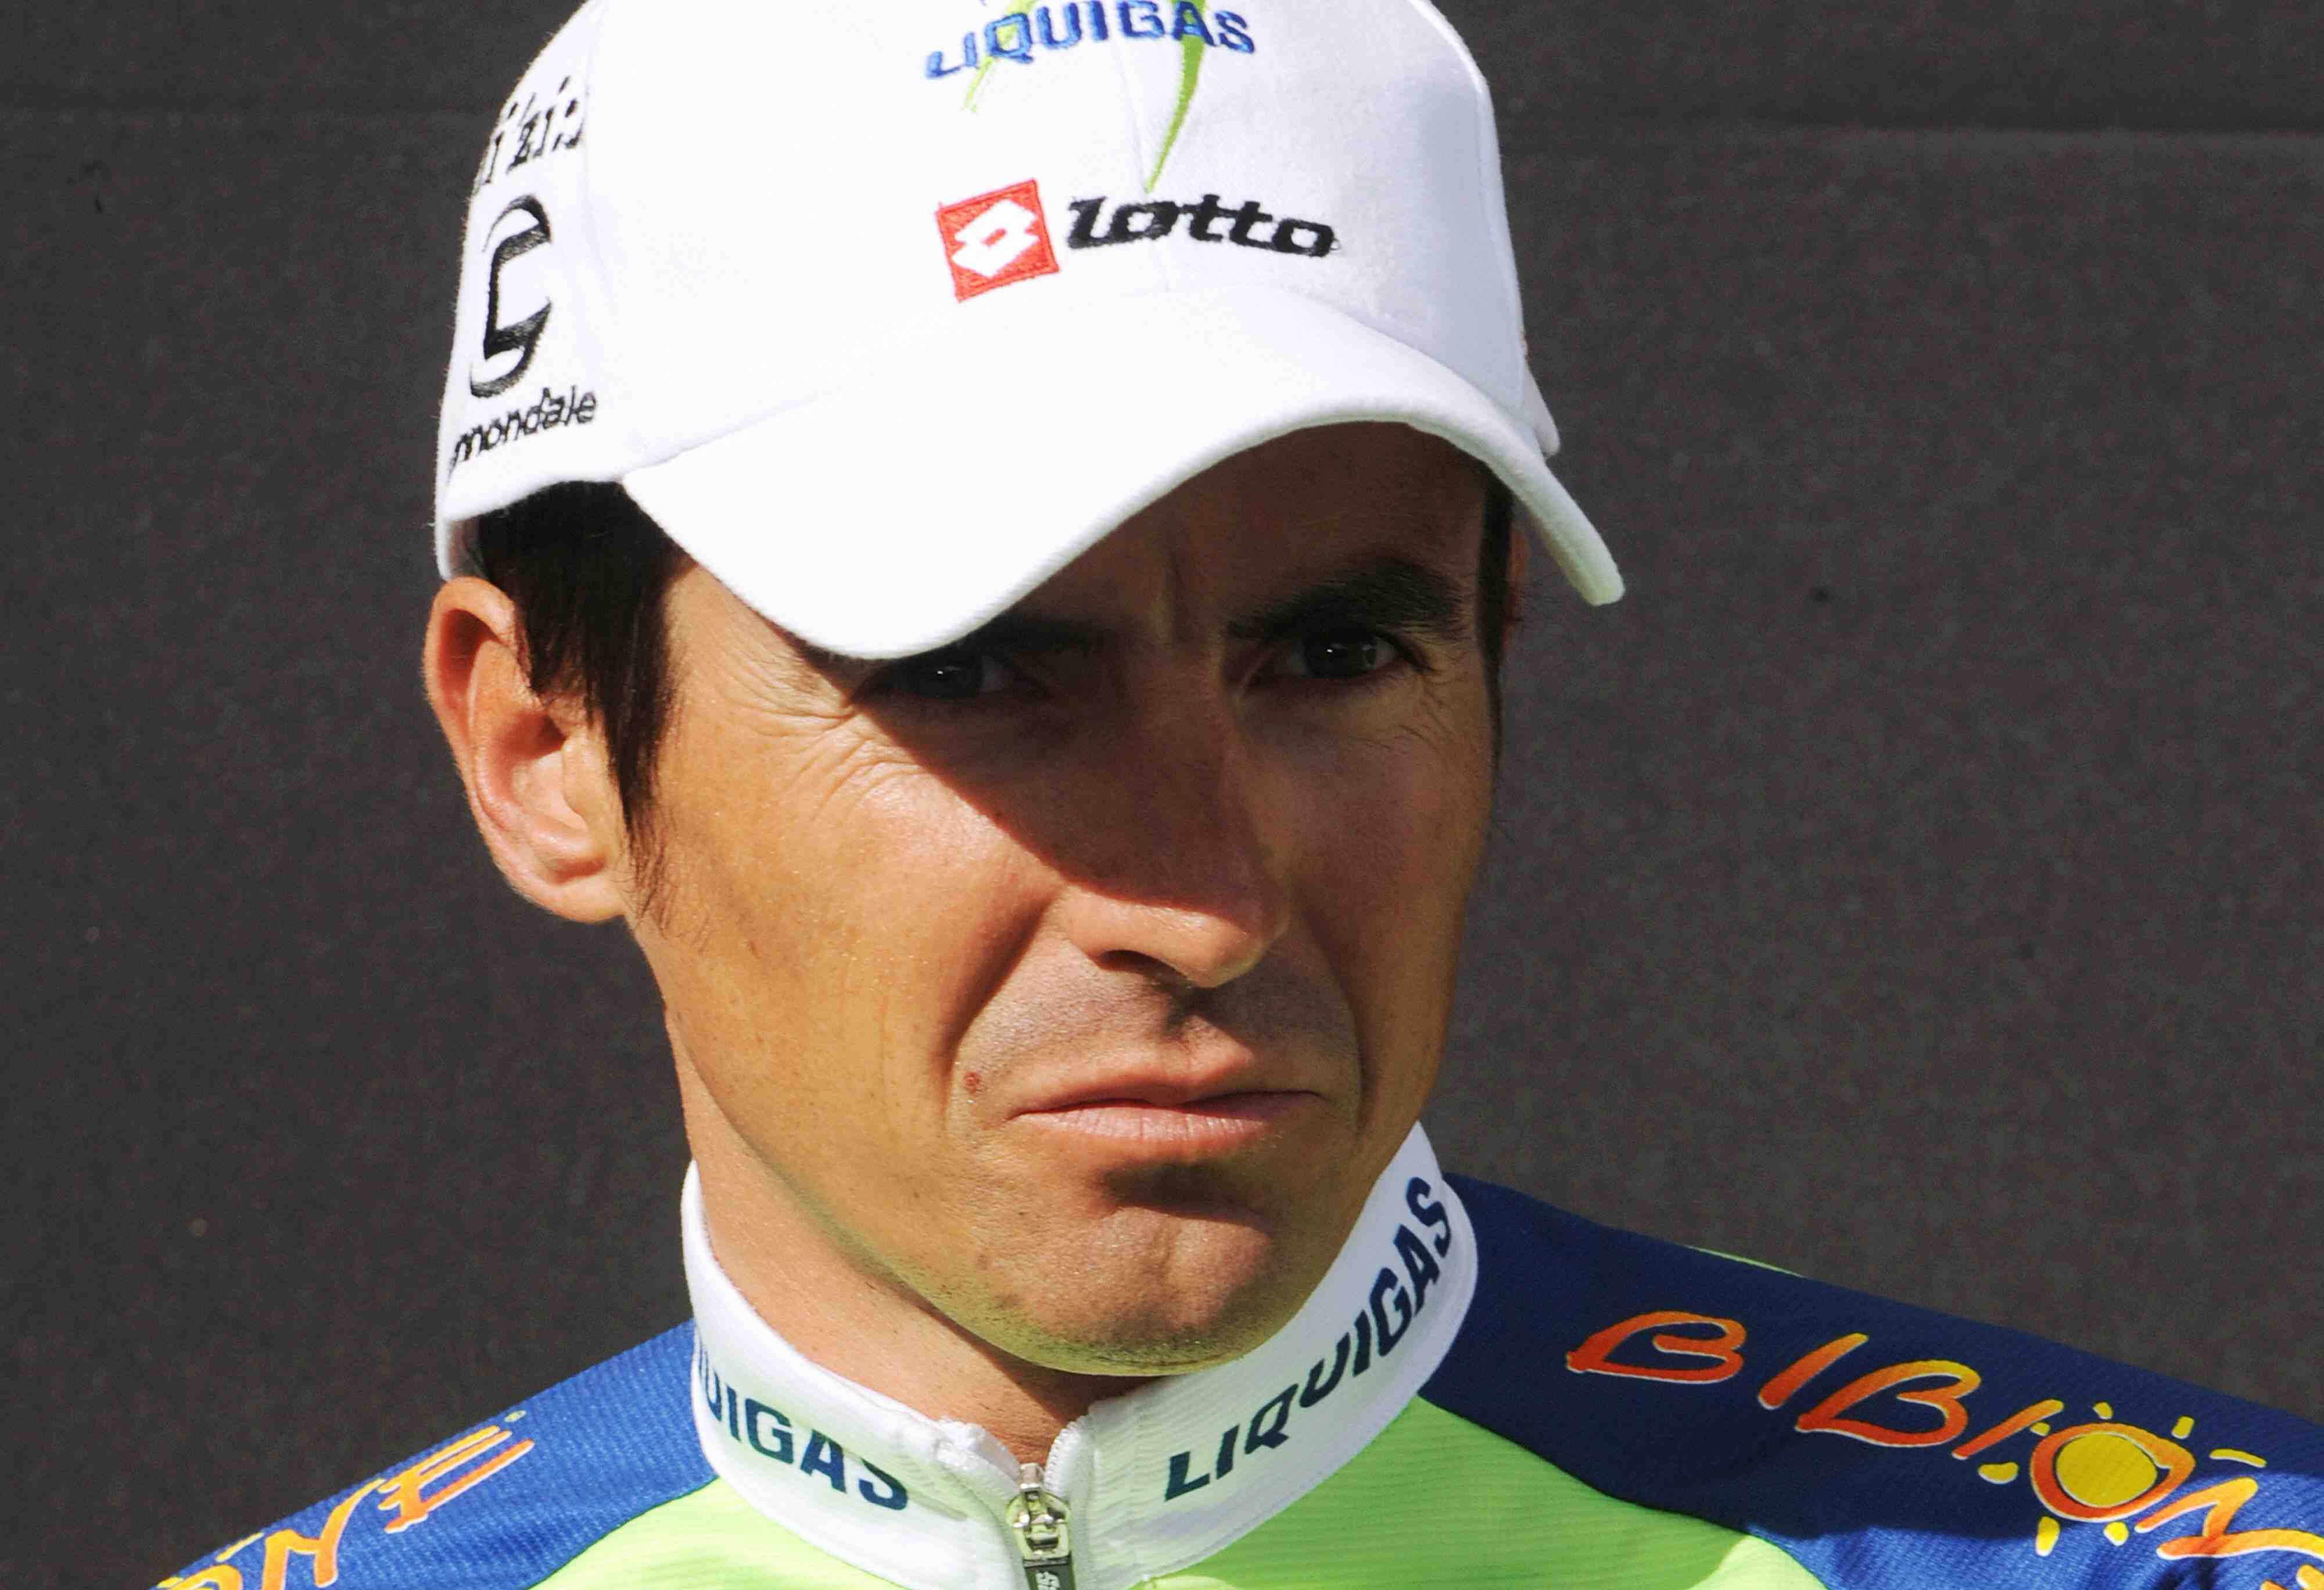 Liquigas racer Manuel Beltran on July 10, 2008.